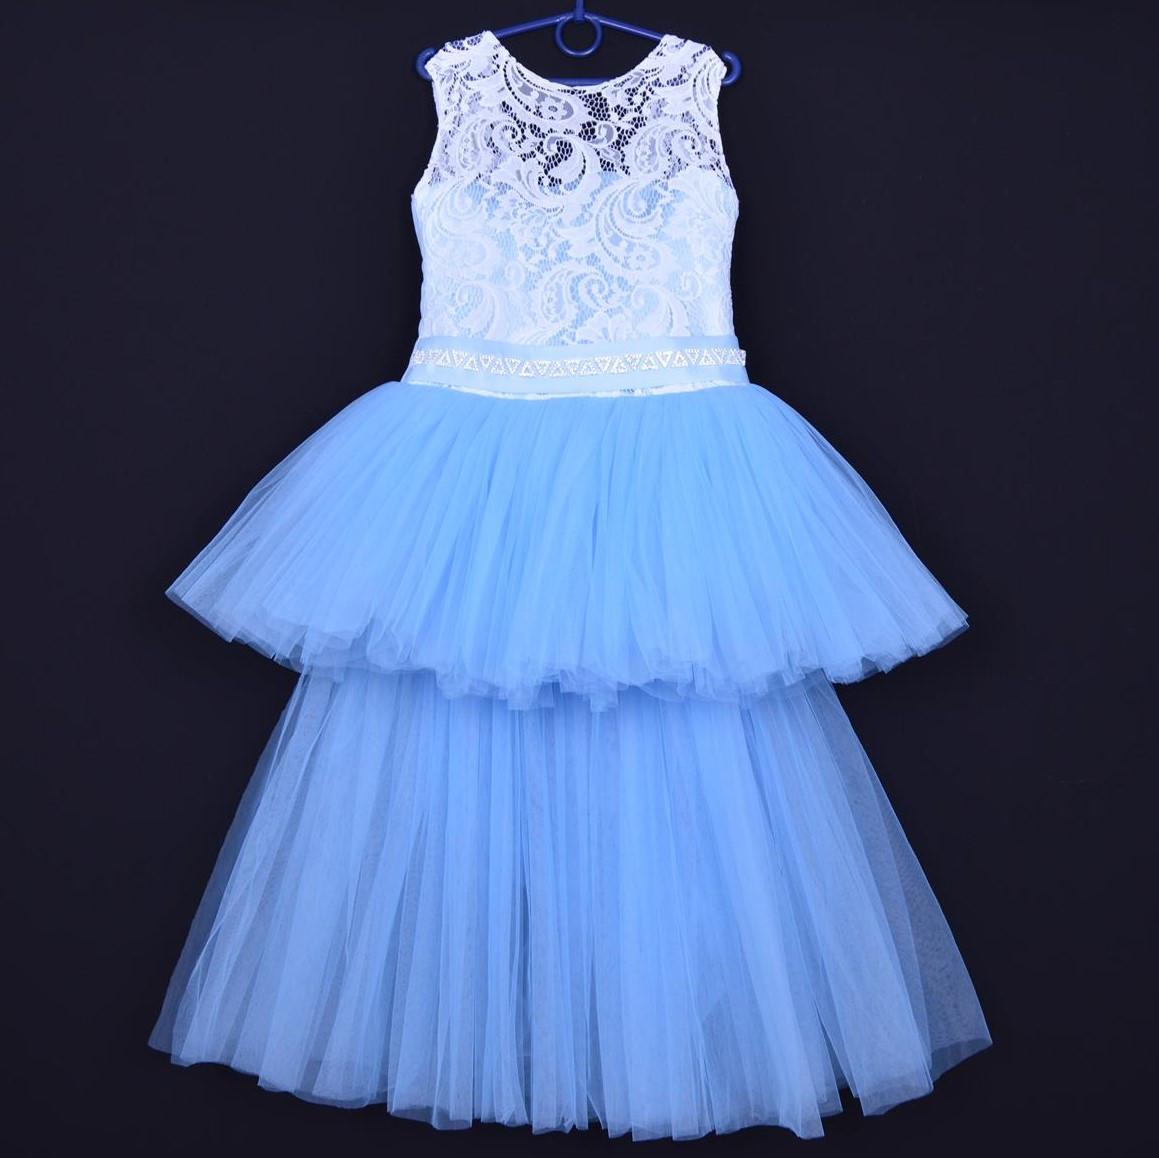 """Нарядное детское платье """"Ванесса"""". 6-8 лет. Бело-голубое. Оптом и в розницу"""